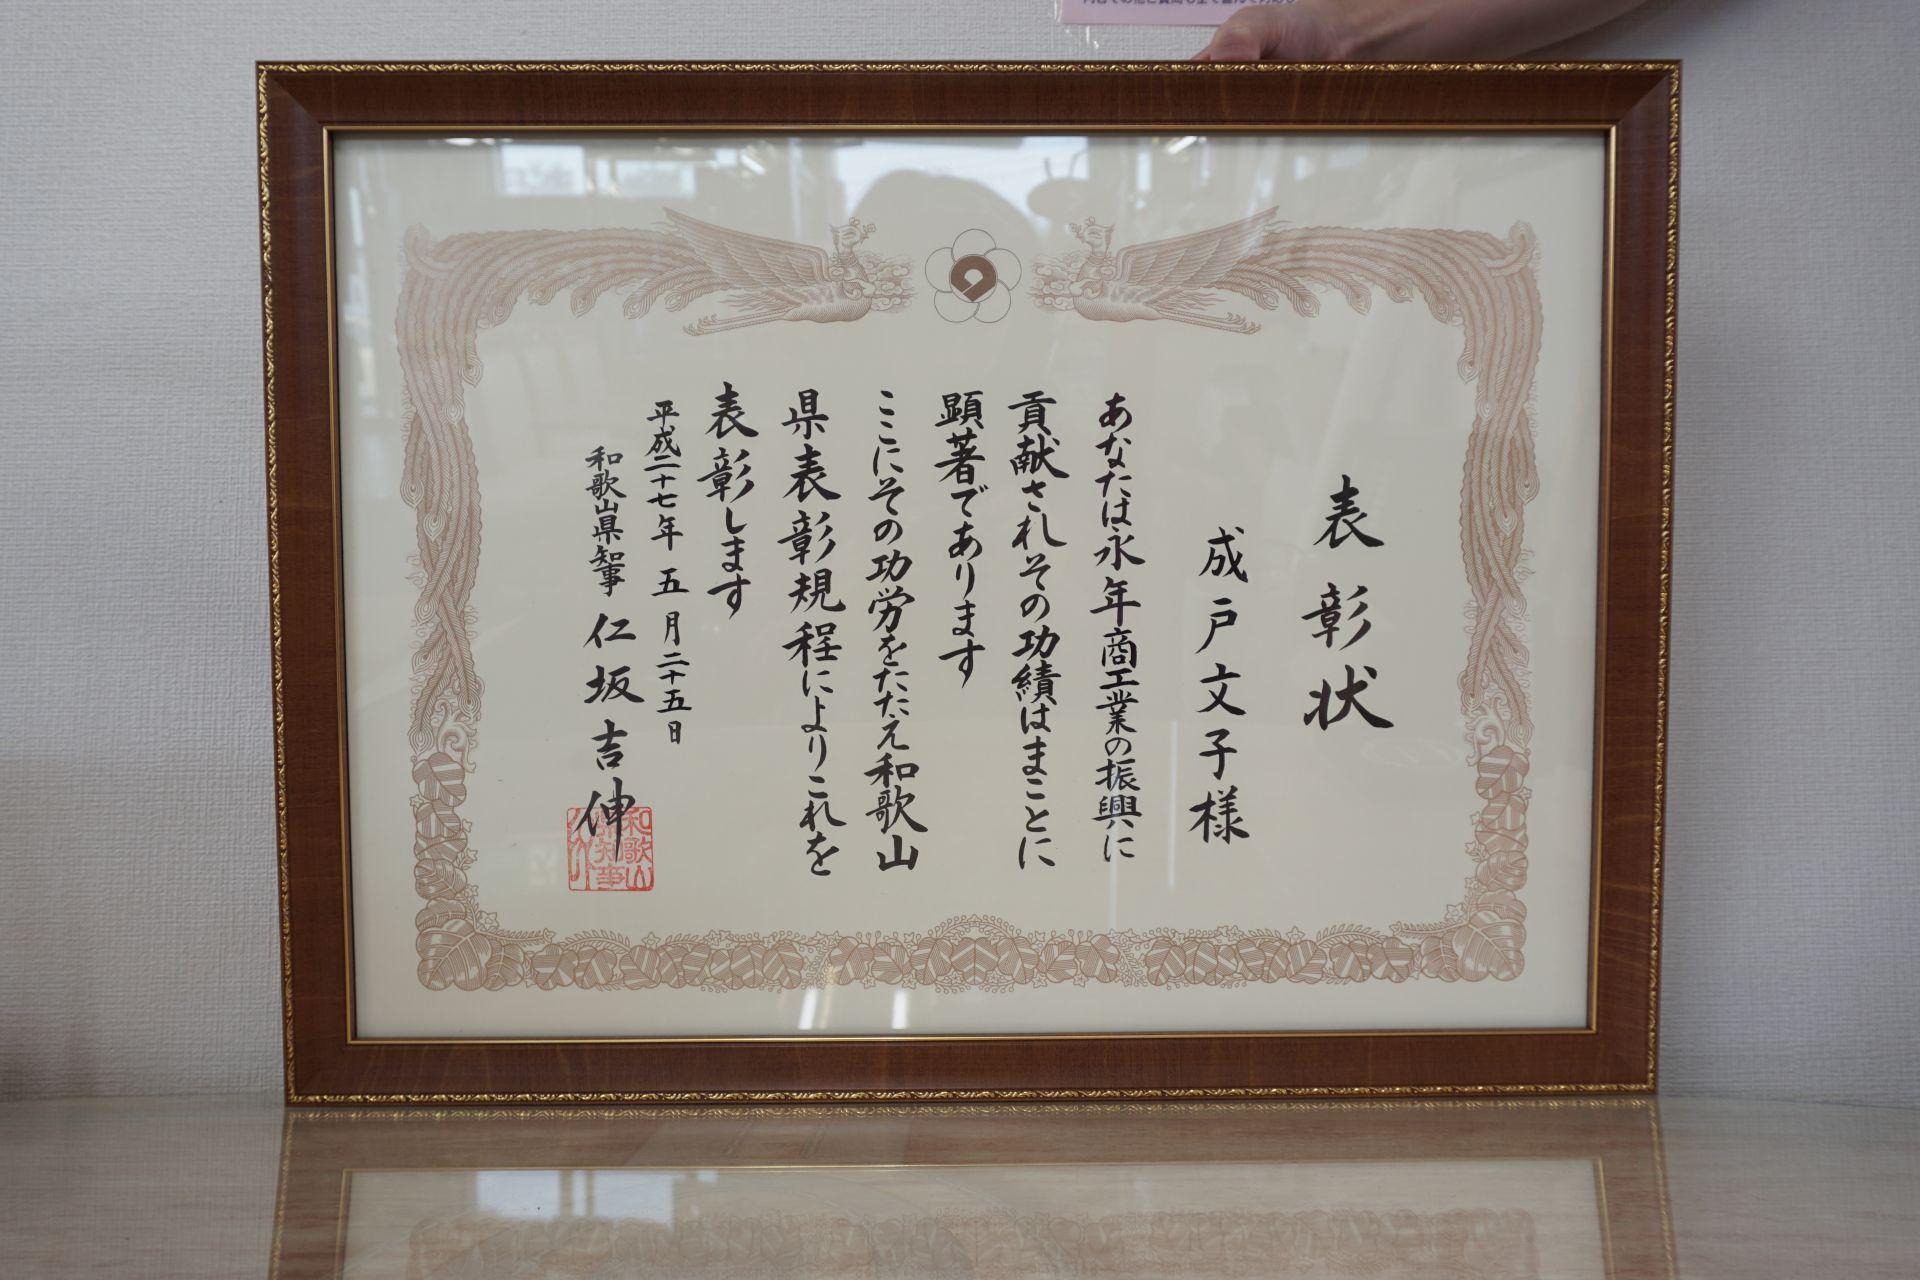 和歌山県知事表彰